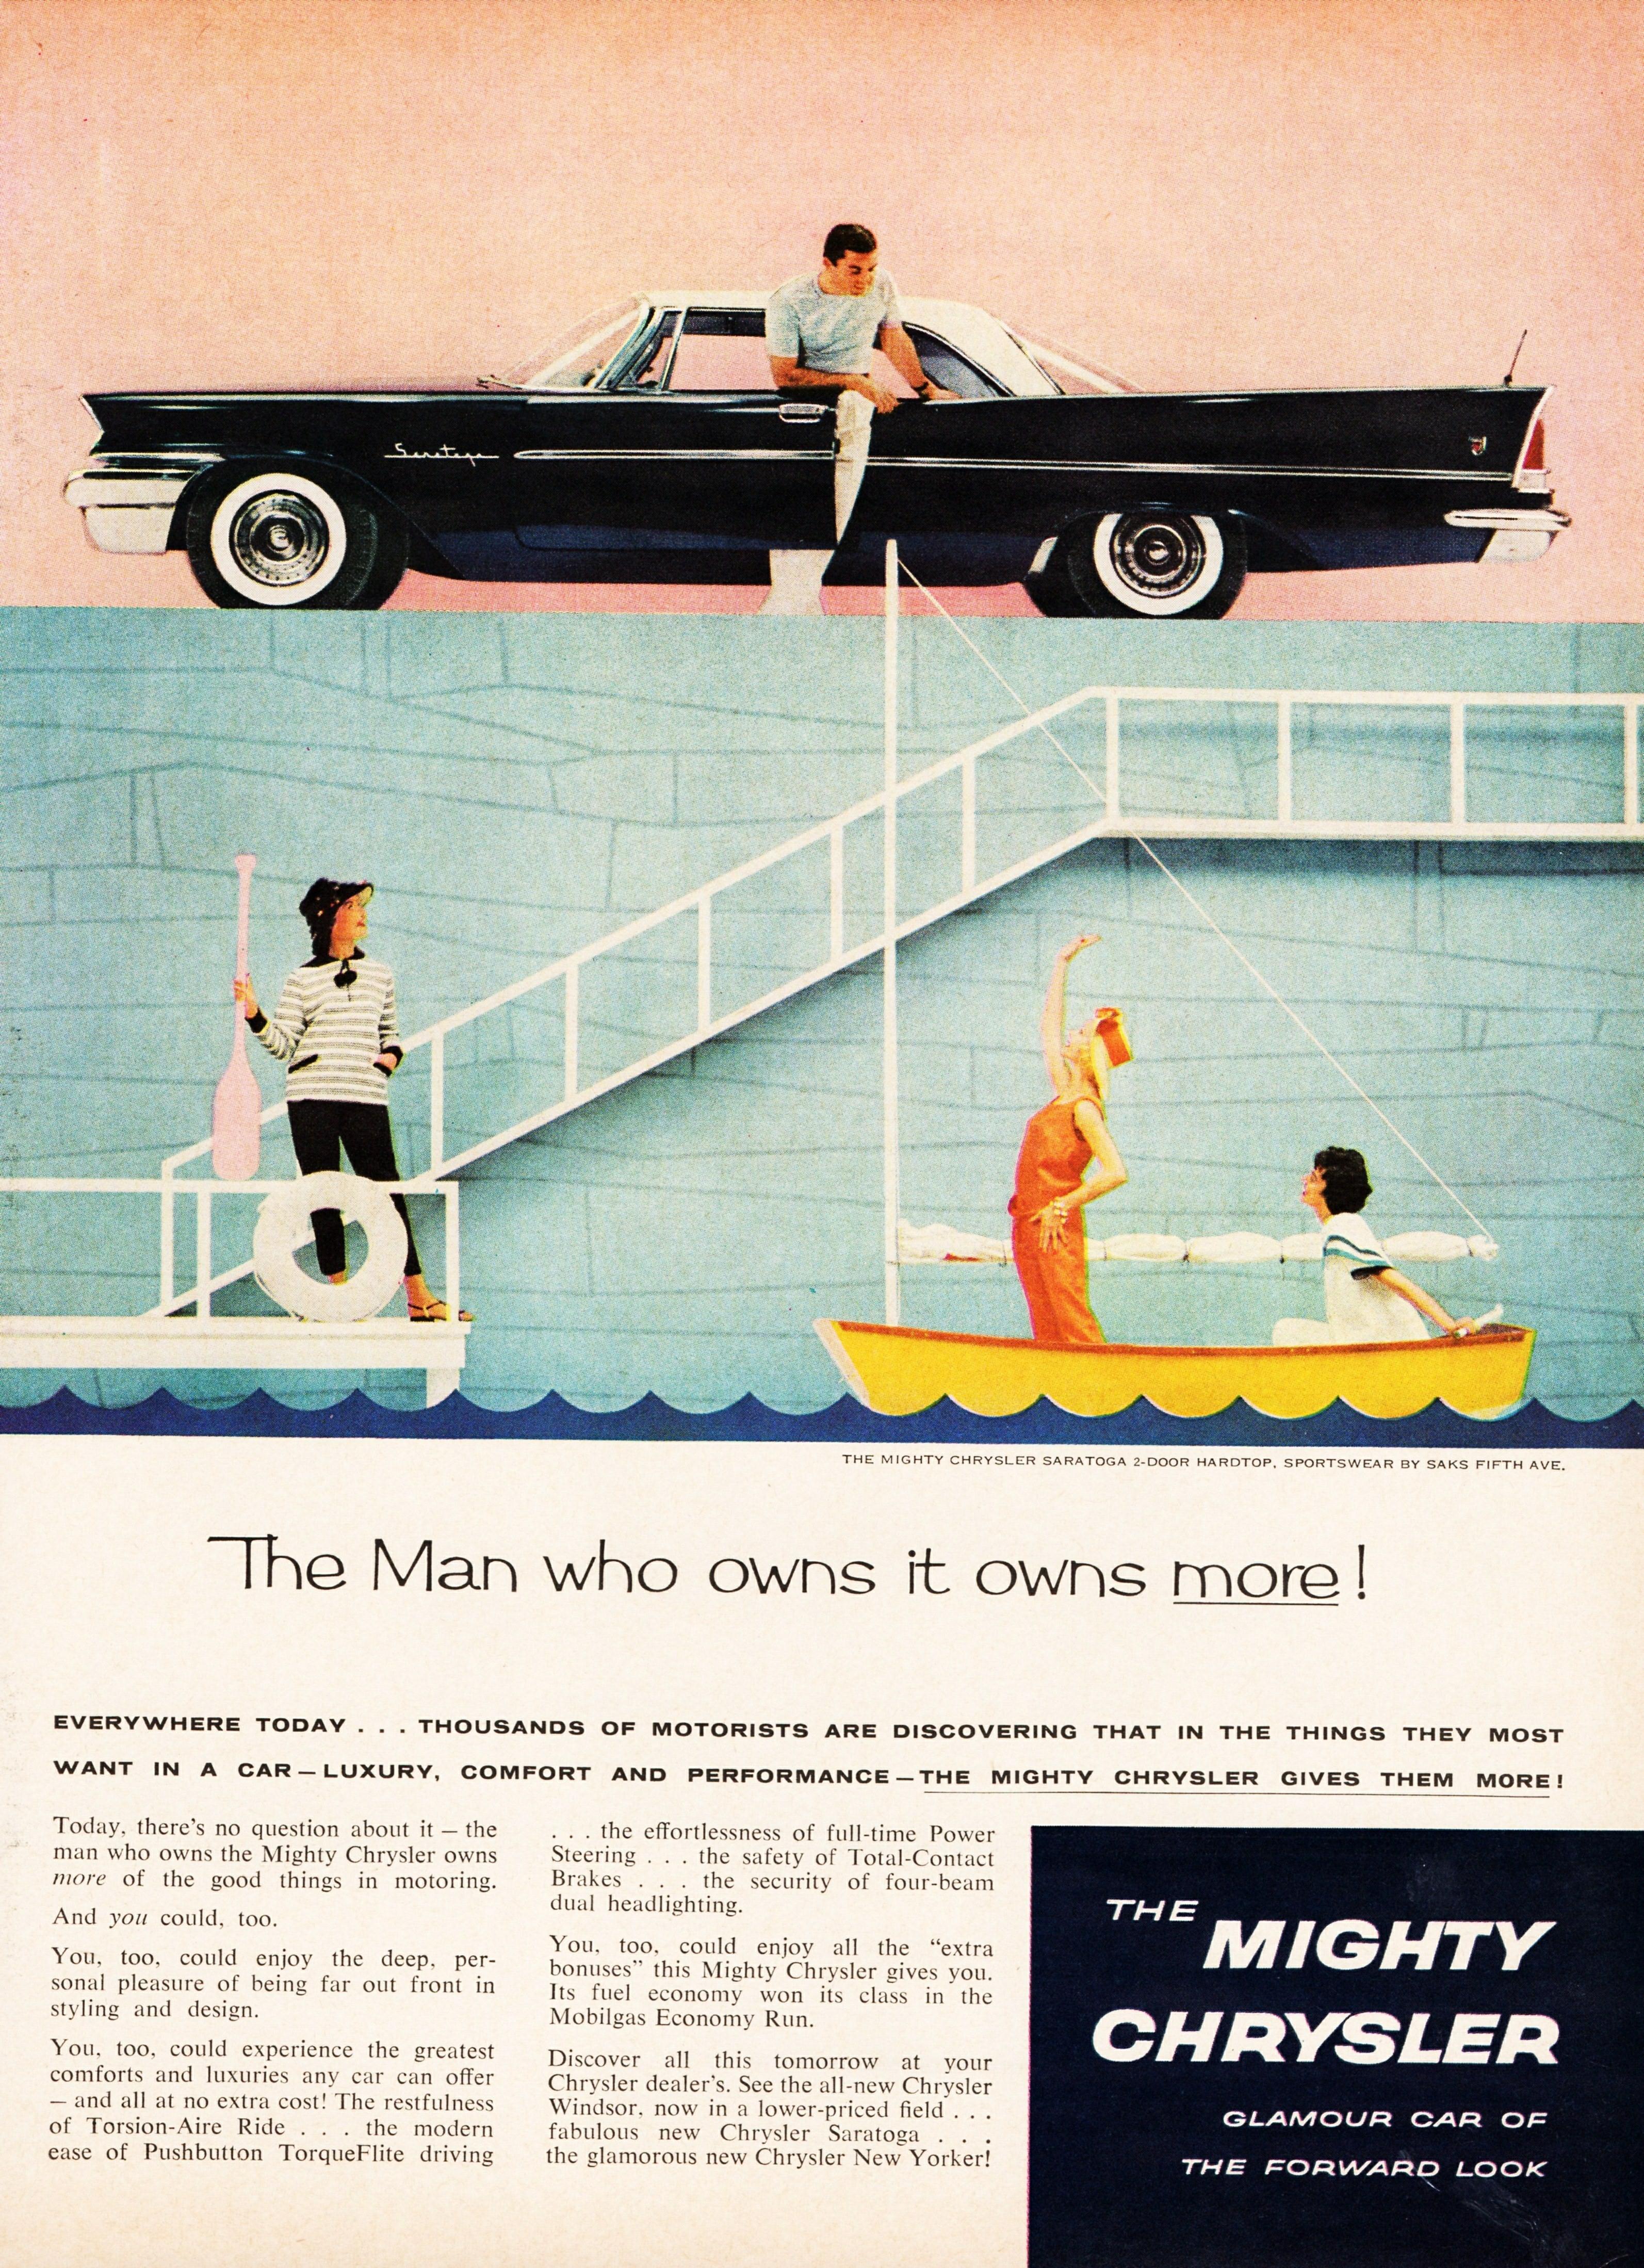 1958 Chrysler Saratoga 2-Door Hardtop